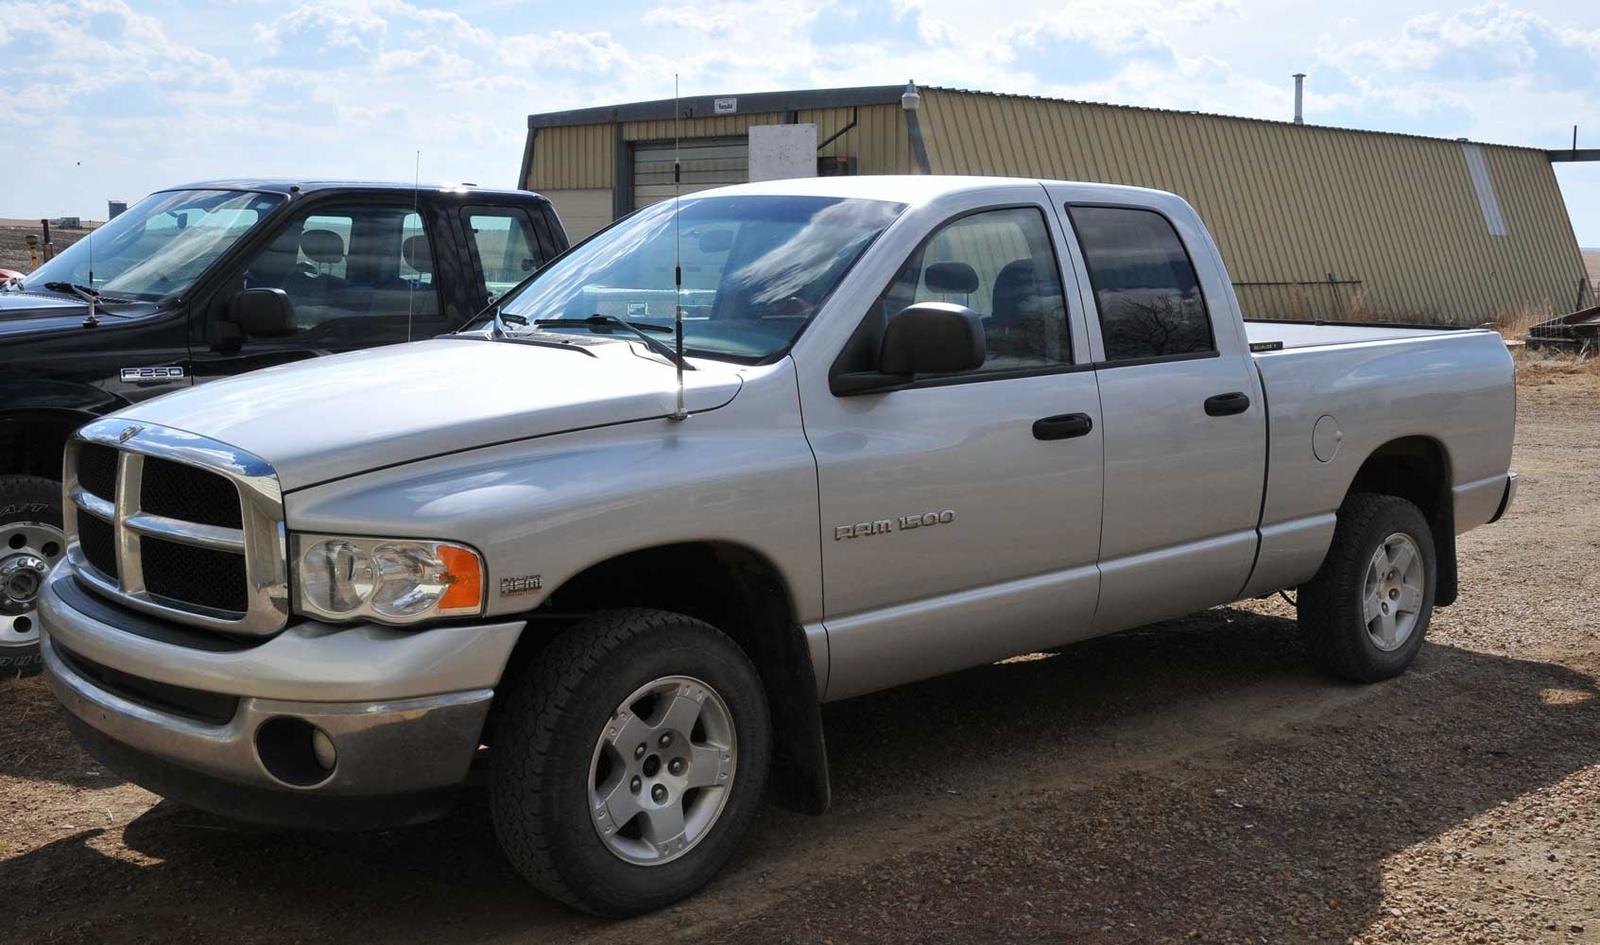 2004 dodge ram pickup 1500 4 dr slt 4wd crew cab sb picture exterior. Black Bedroom Furniture Sets. Home Design Ideas